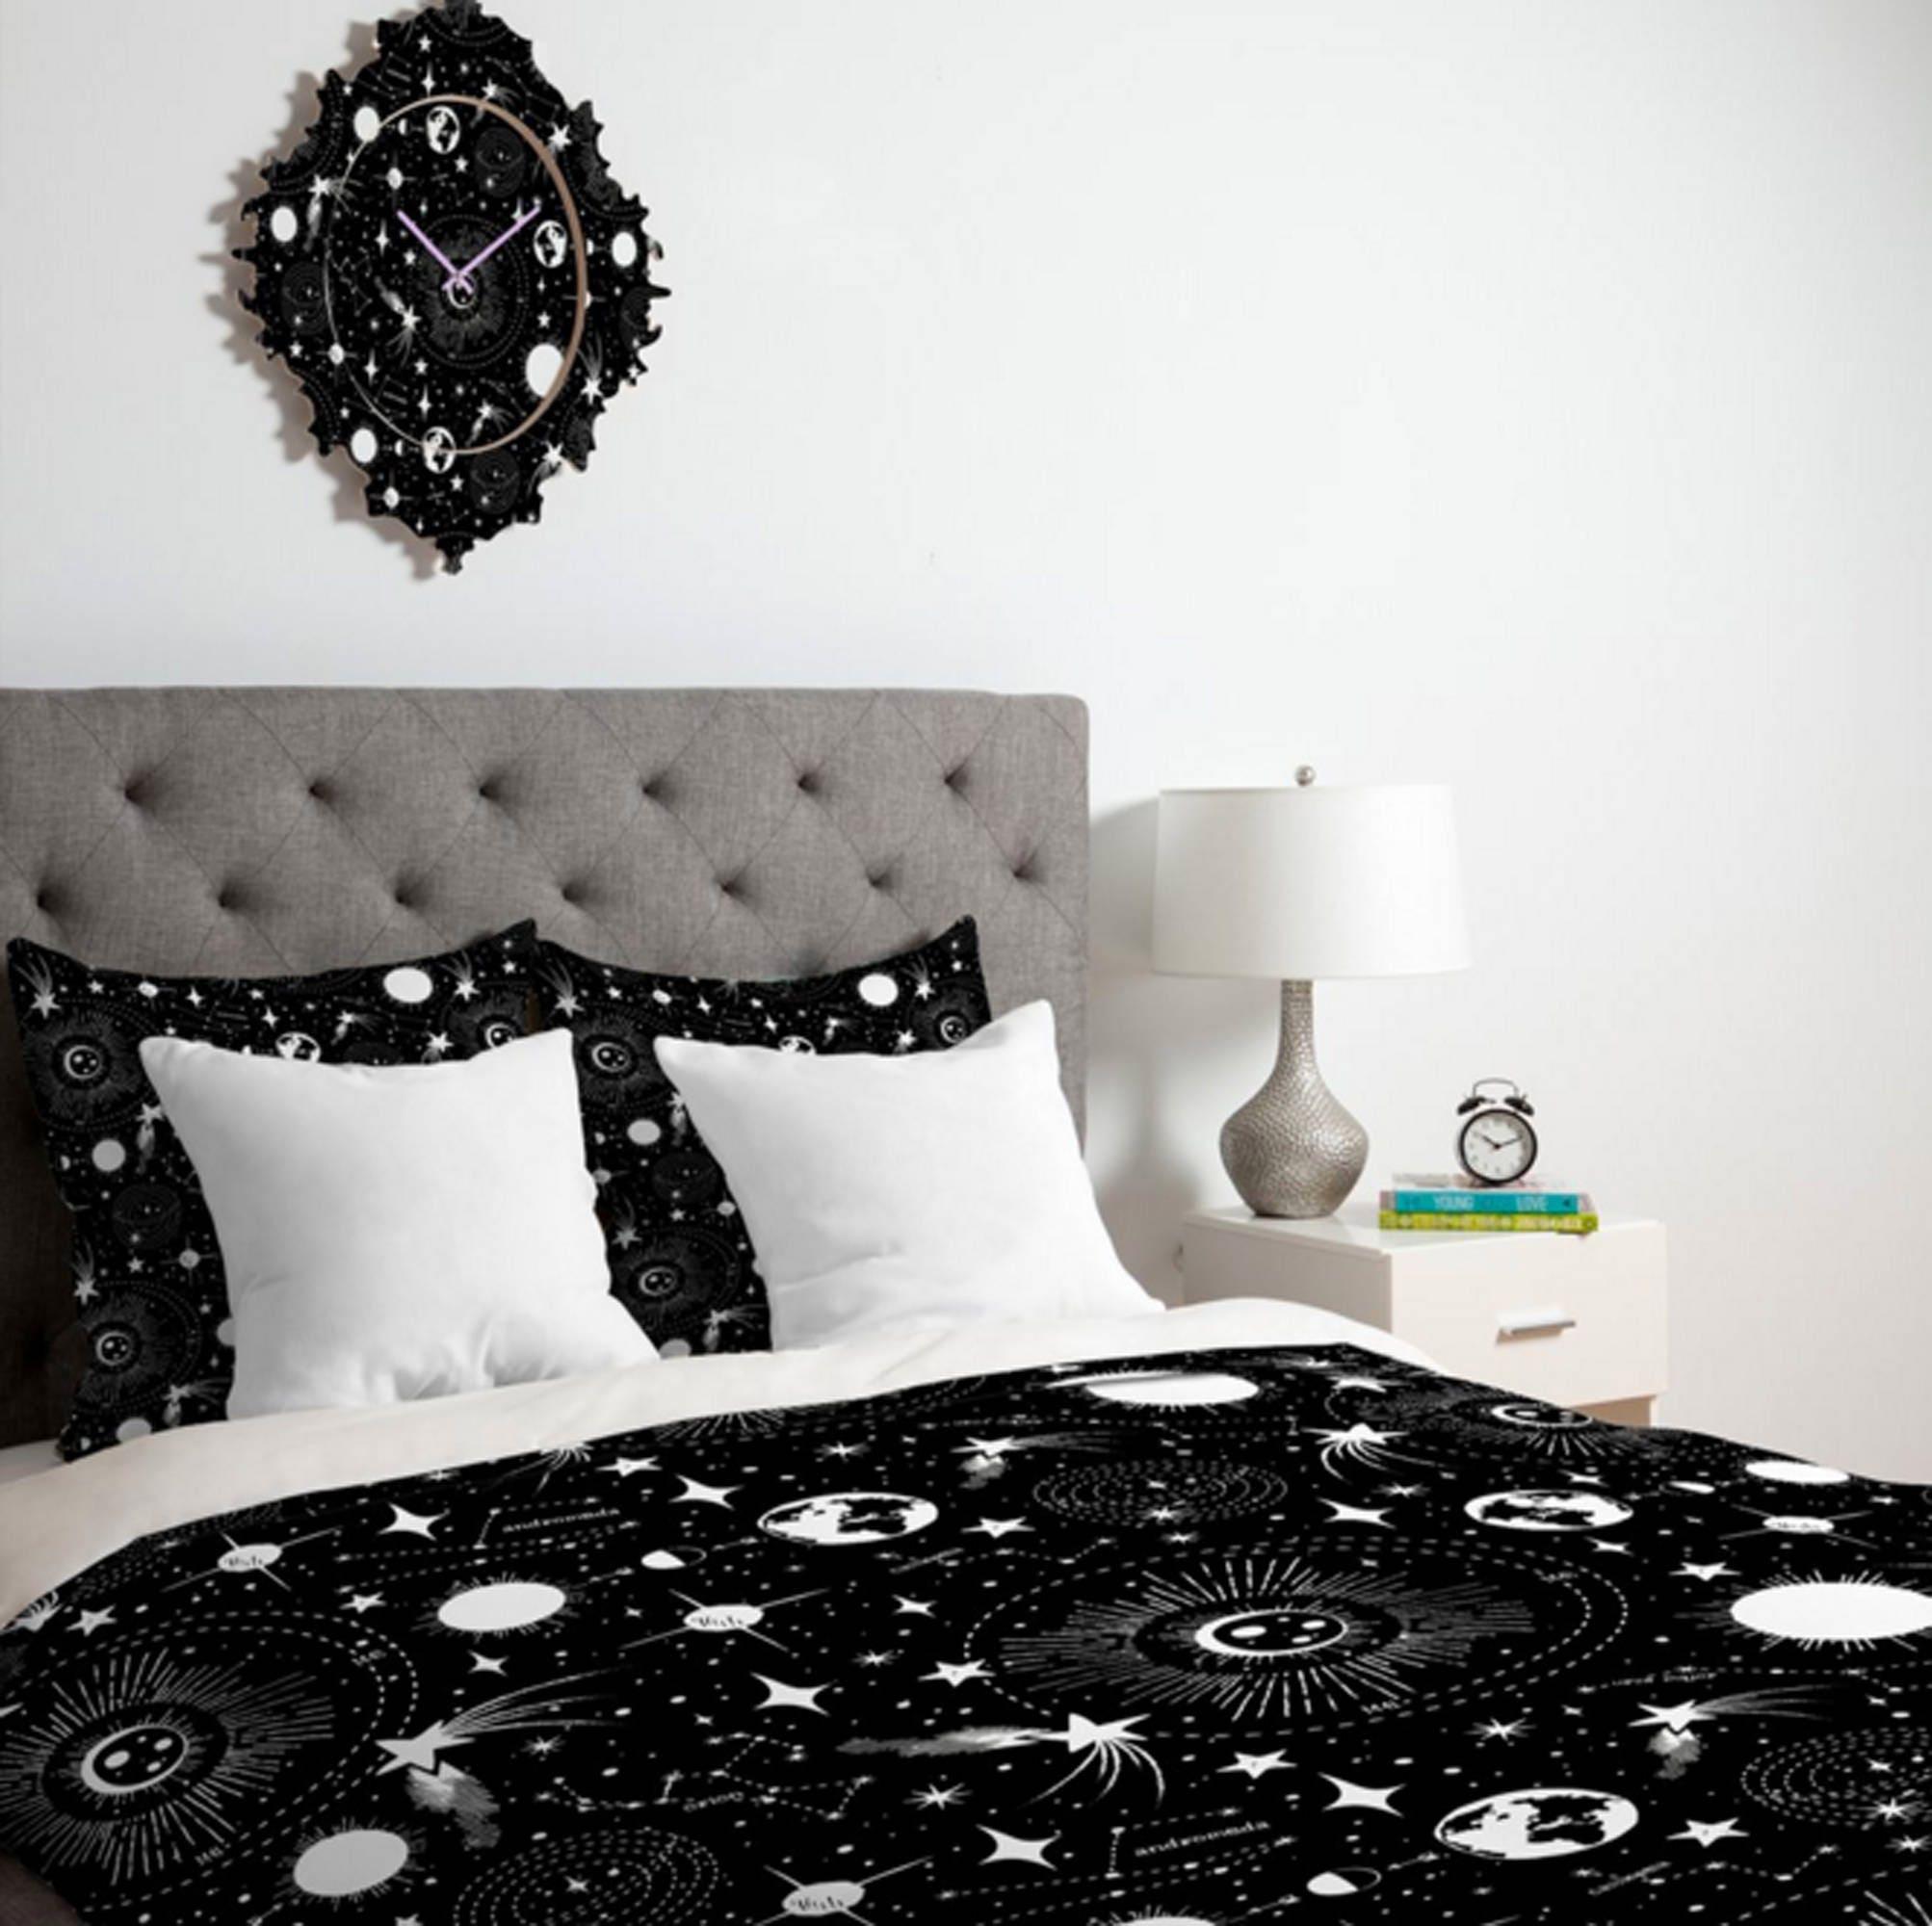 Couverture de couette noire | Espace extra-atmosphérique | Céleste | Twin, Queen, King Tailles | Literie | Décor maison | Conception du système solaire | Couette noire et blanche